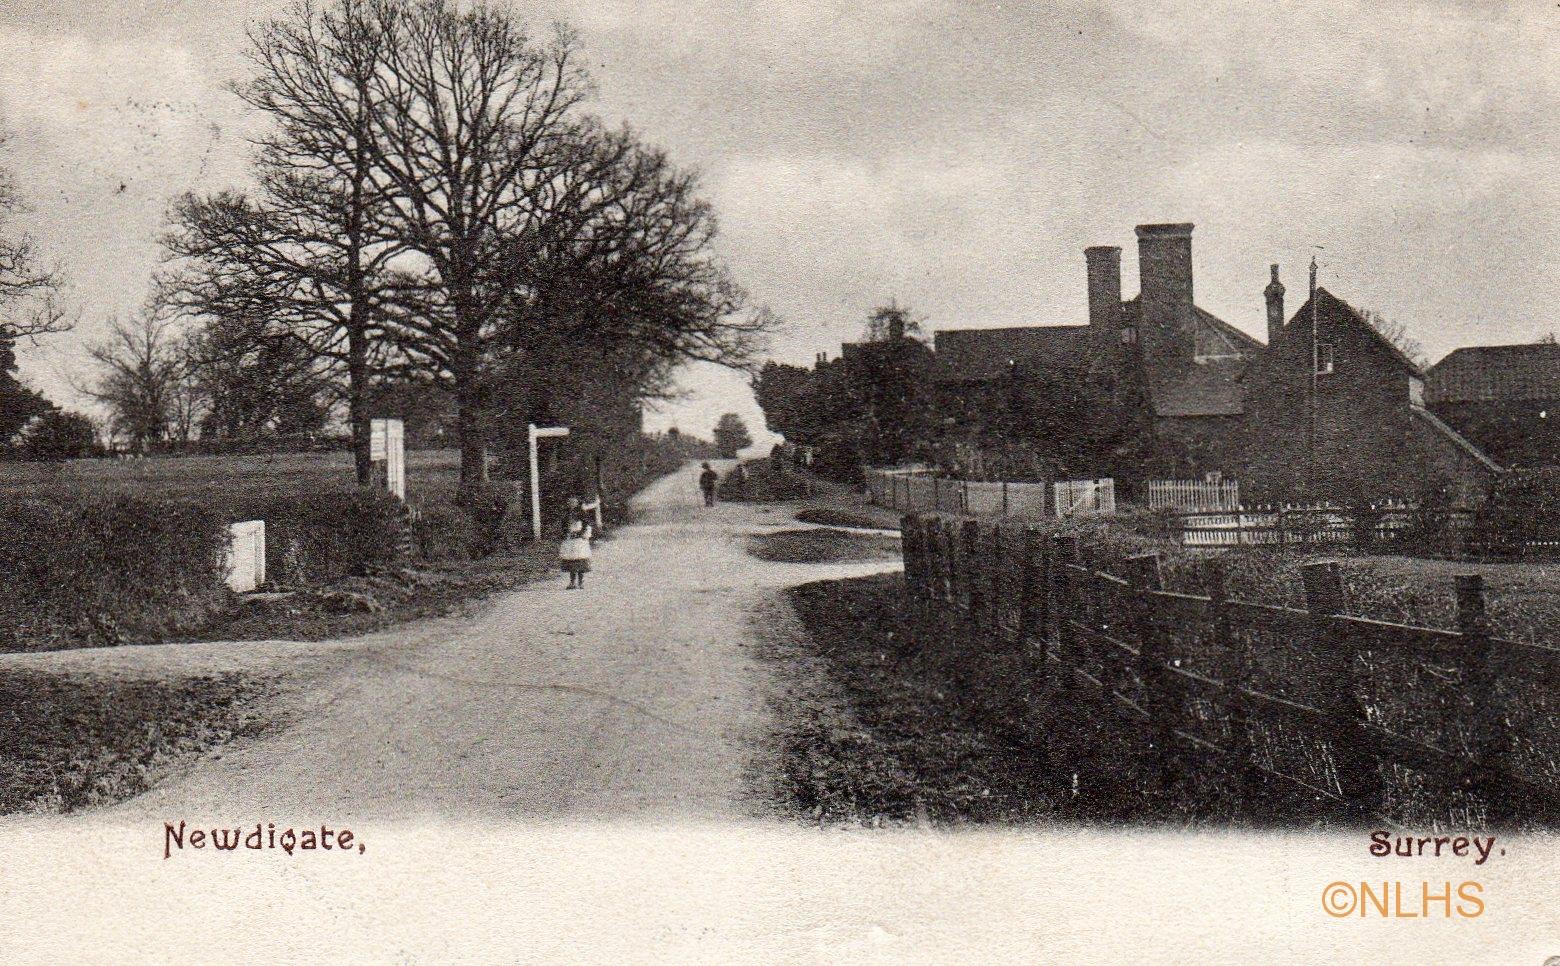 Village Street c. 1904